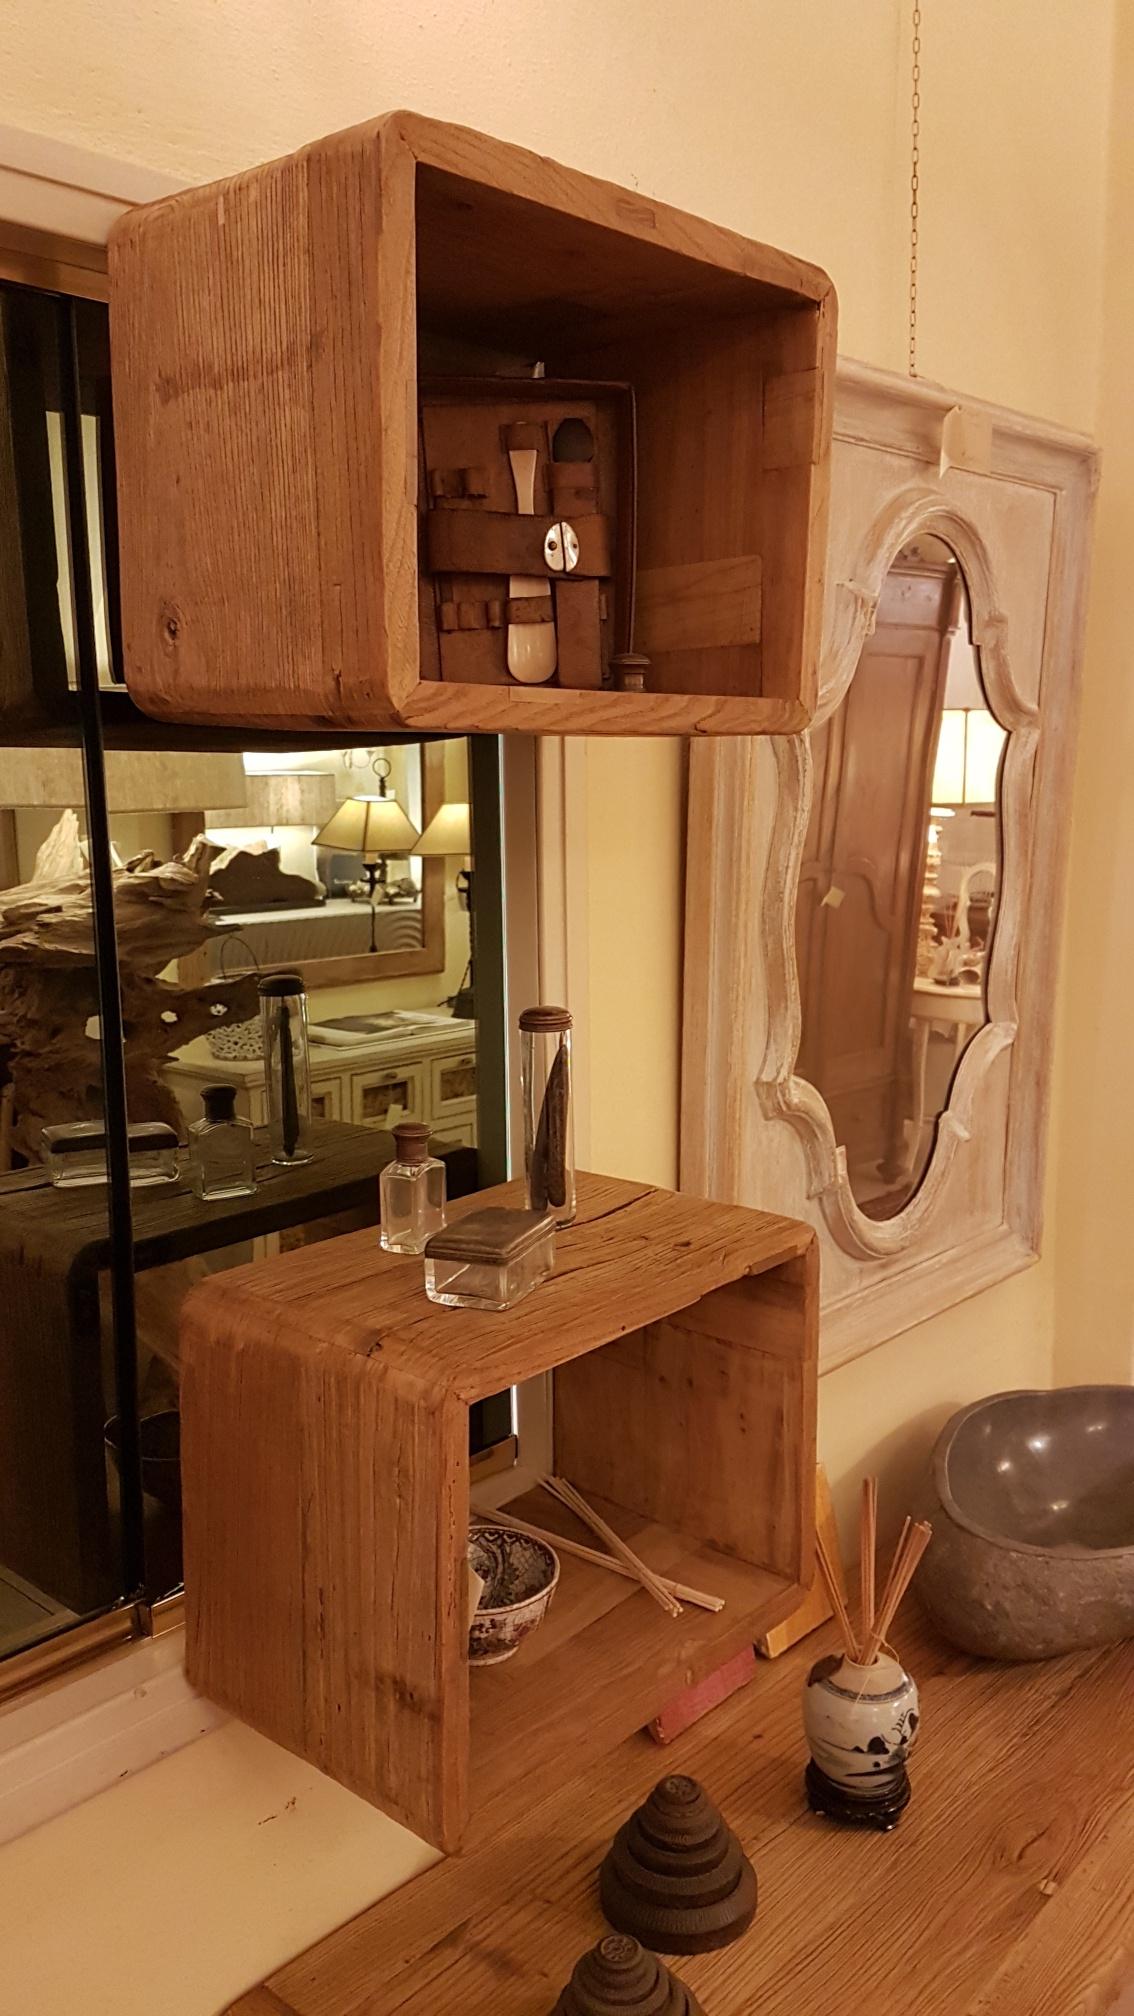 Arredamento contemporaneo mobili country su misura siena for Cubi in legno per arredare